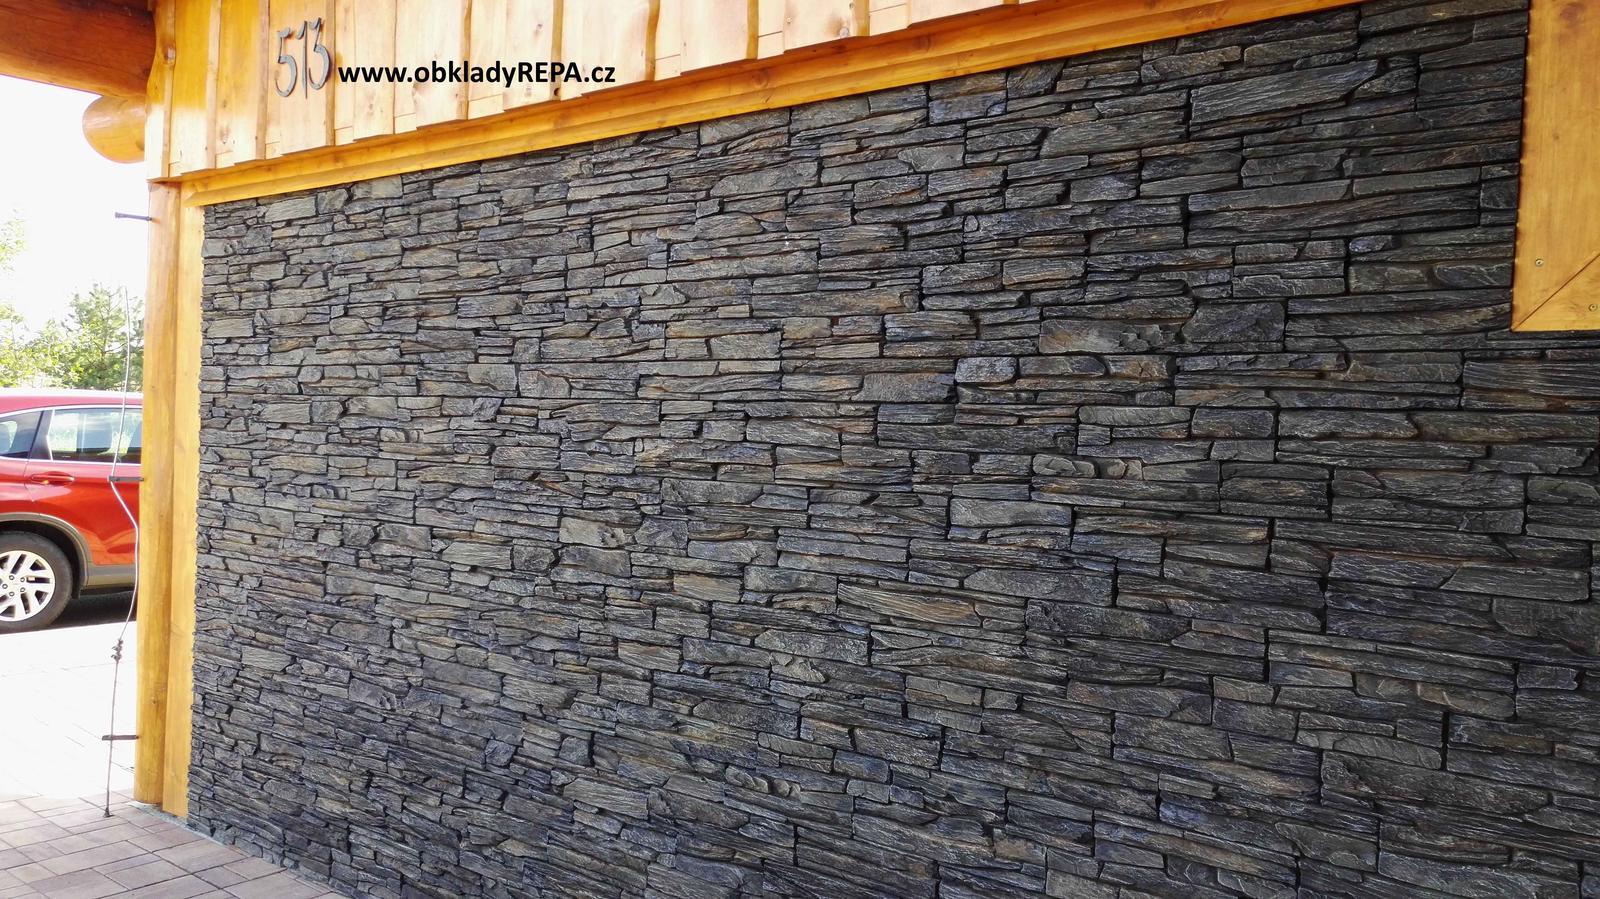 obkladyrepa - Tento betonový obklad patří k těm nejoblíbenějším. Zde exteriérová realizace.